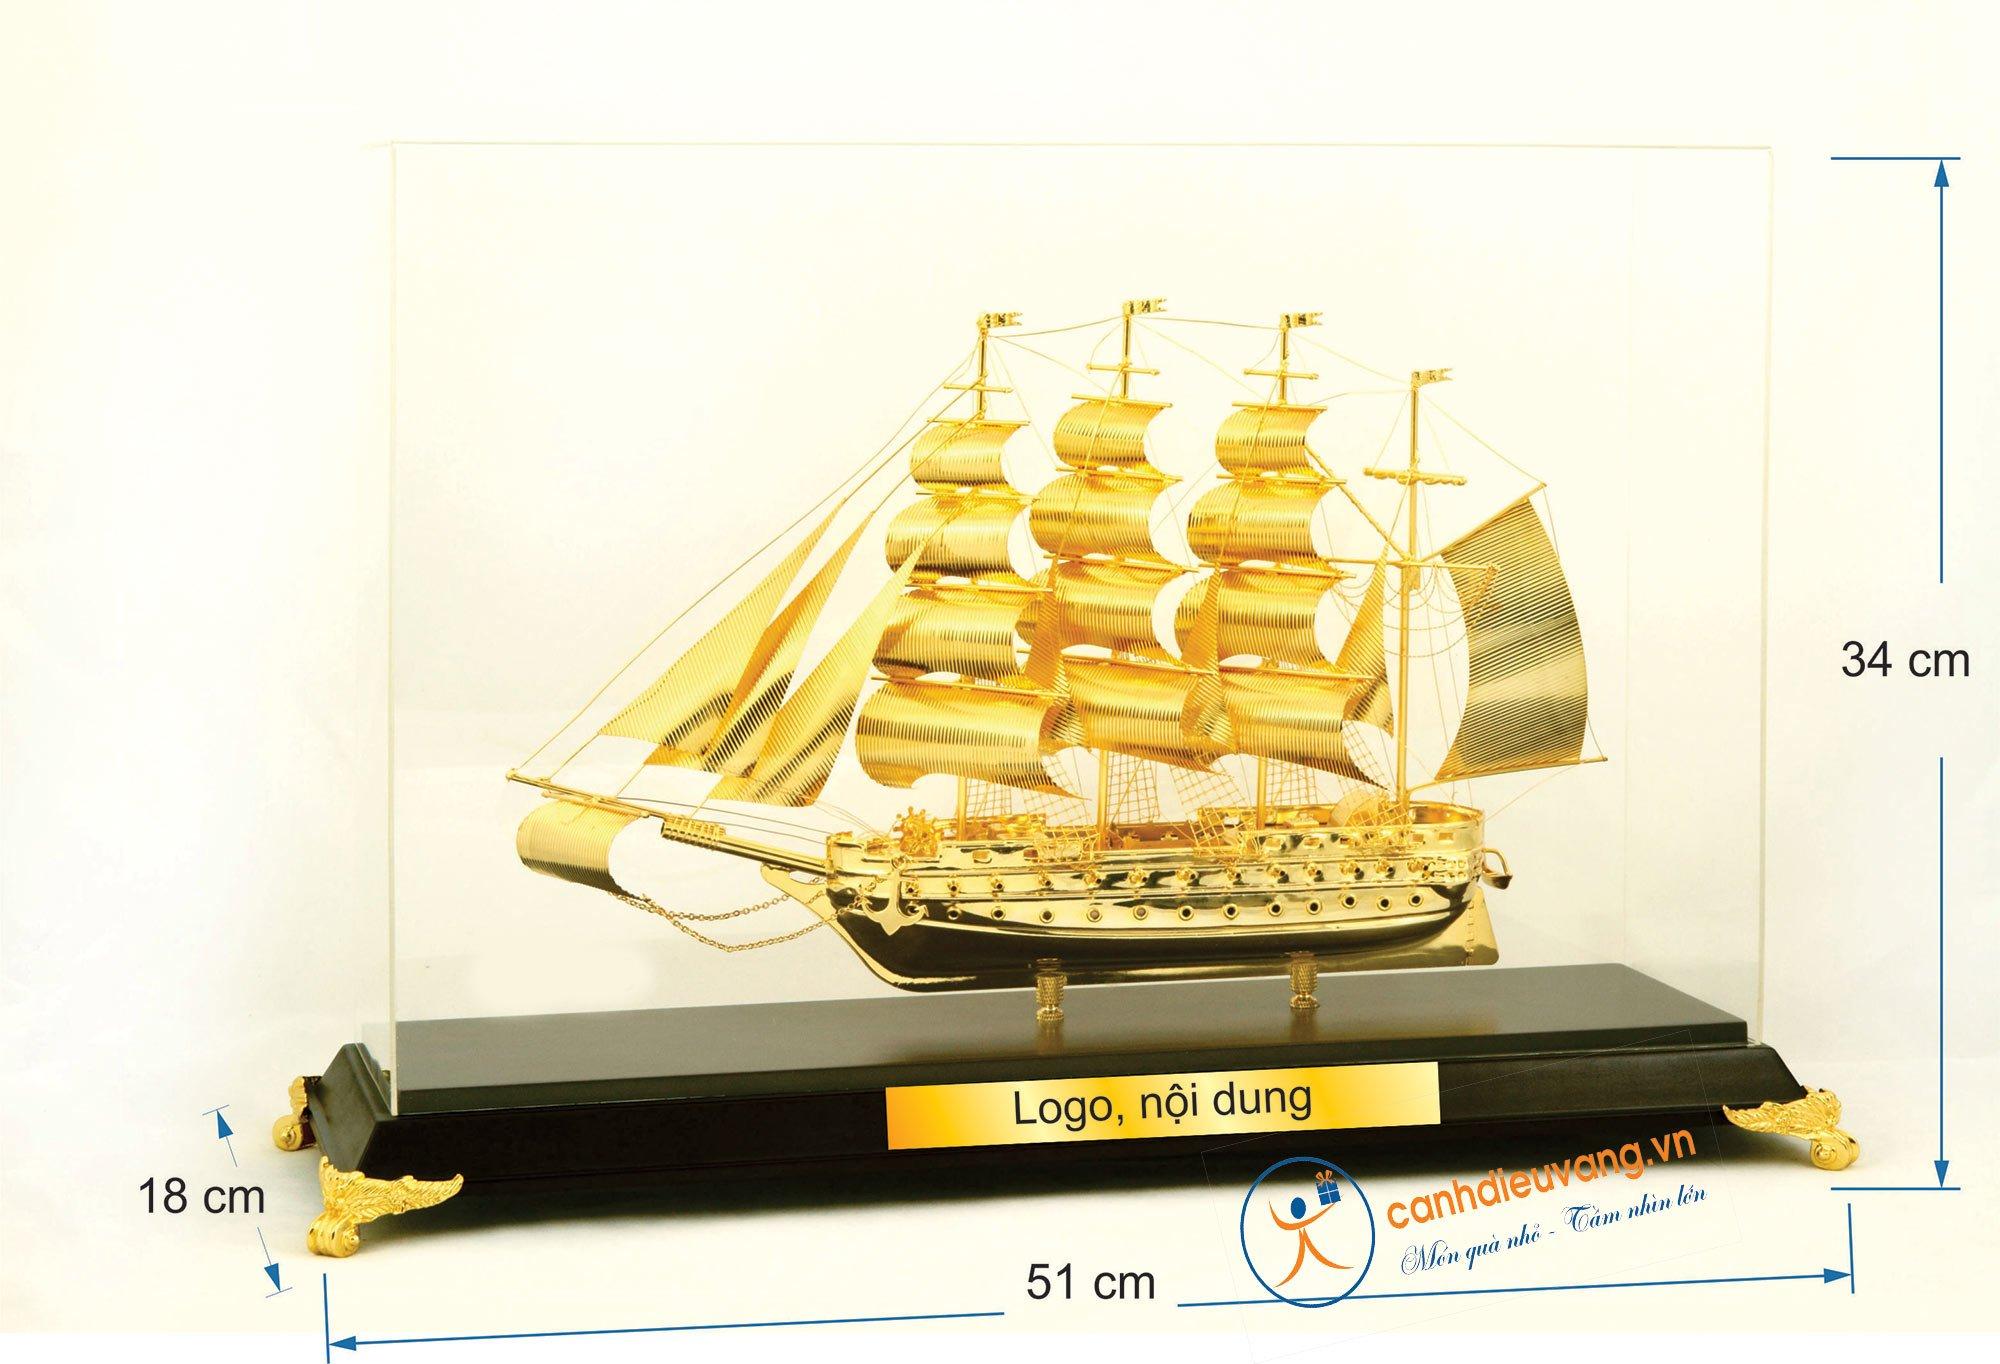 Thuyền buồm mạ vàng cỡ đại 43